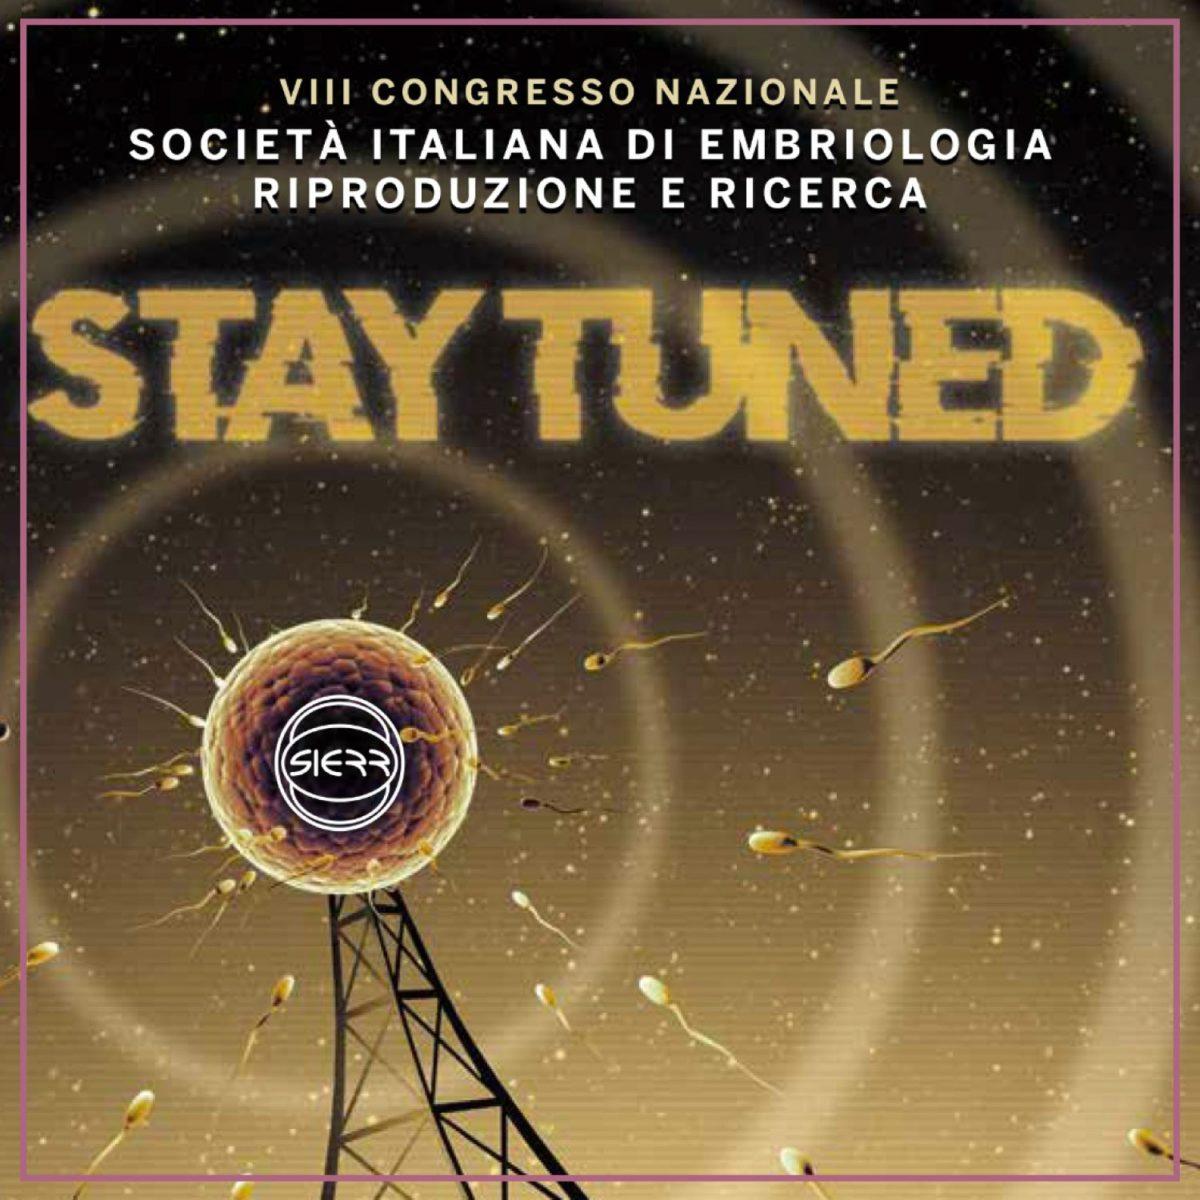 Al-VIII-Congresso-Nazionale-Società-Italiana-di-Embriologia-Riproduzione-e-Ricerca-SIERR-1200x1200.jpeg